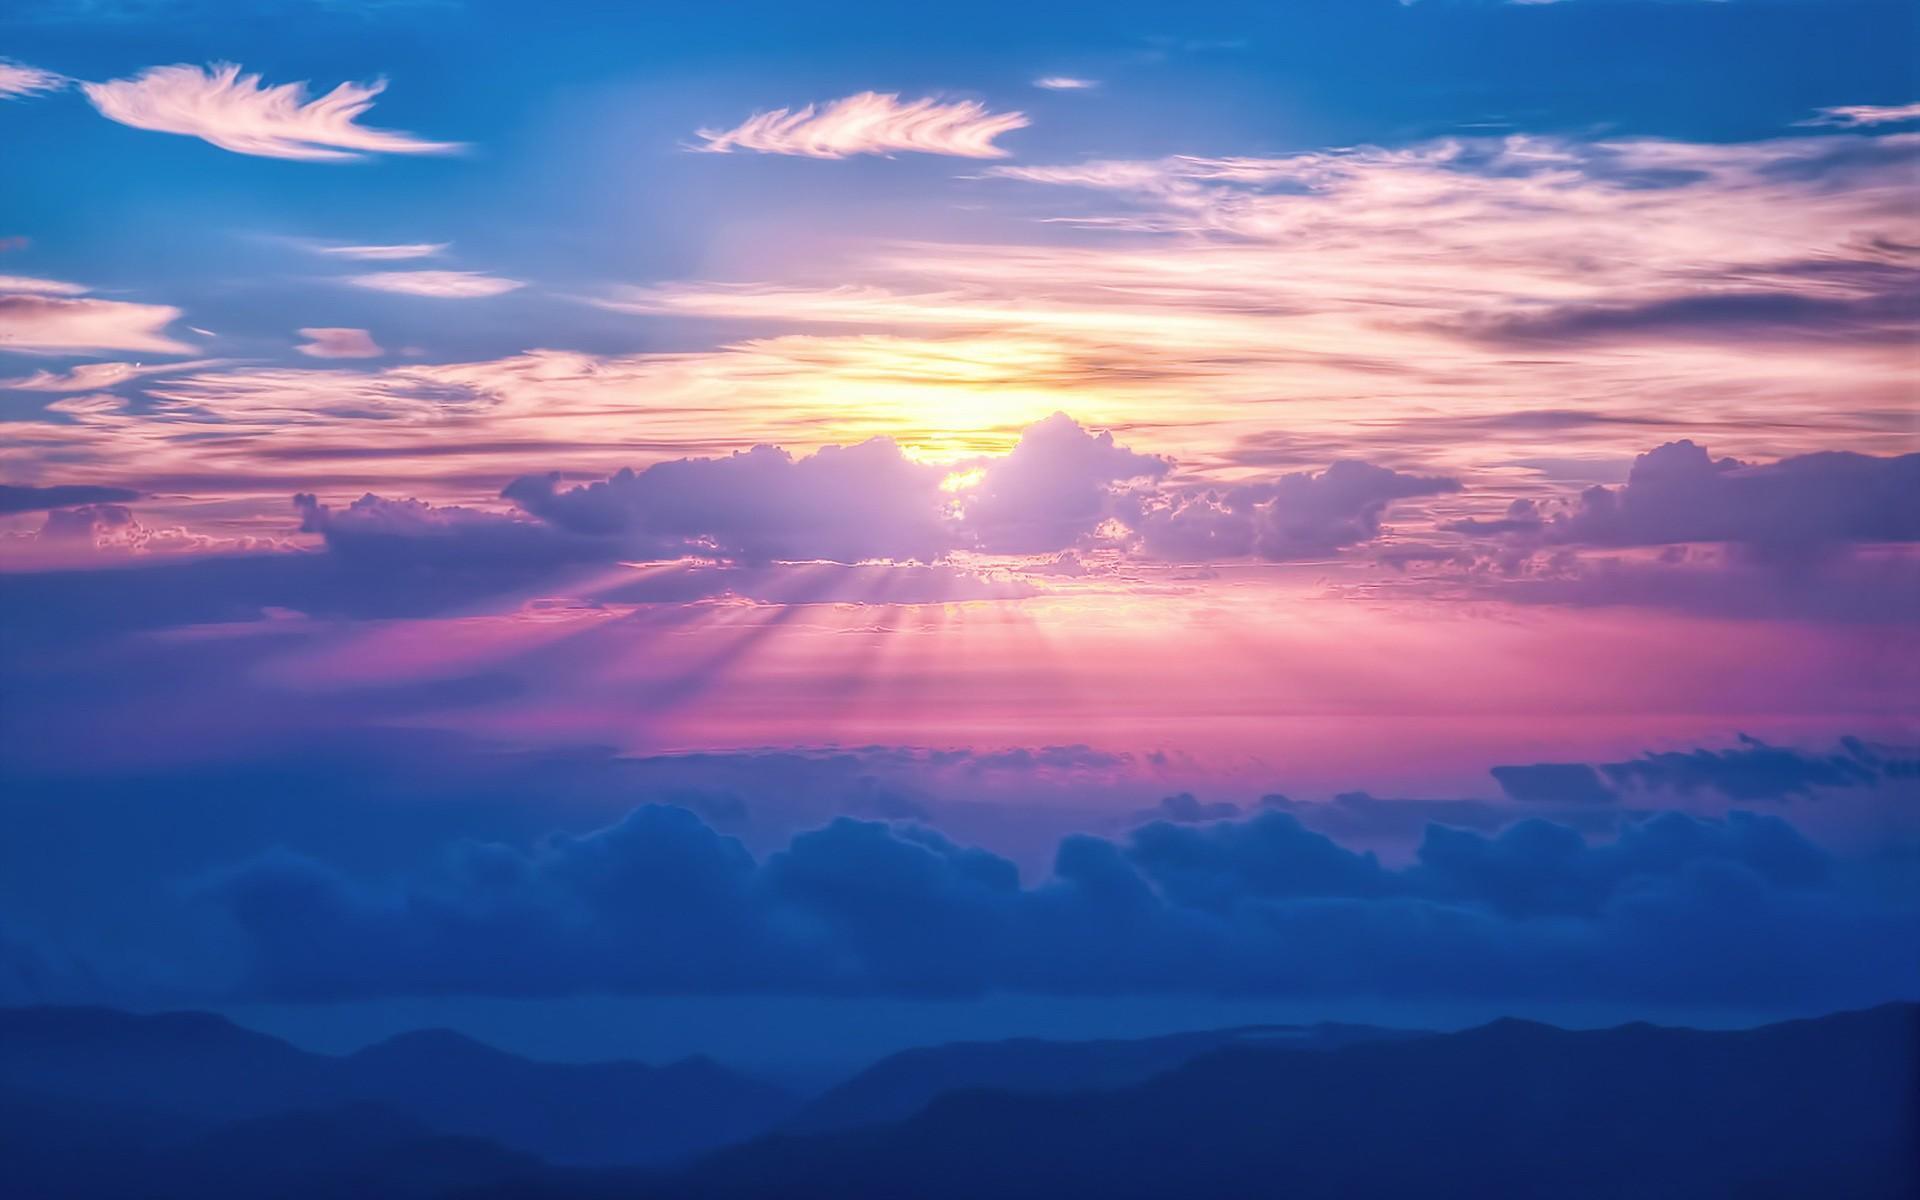 Картинки Облака, солнечные лучи фото и обои на рабочий стол